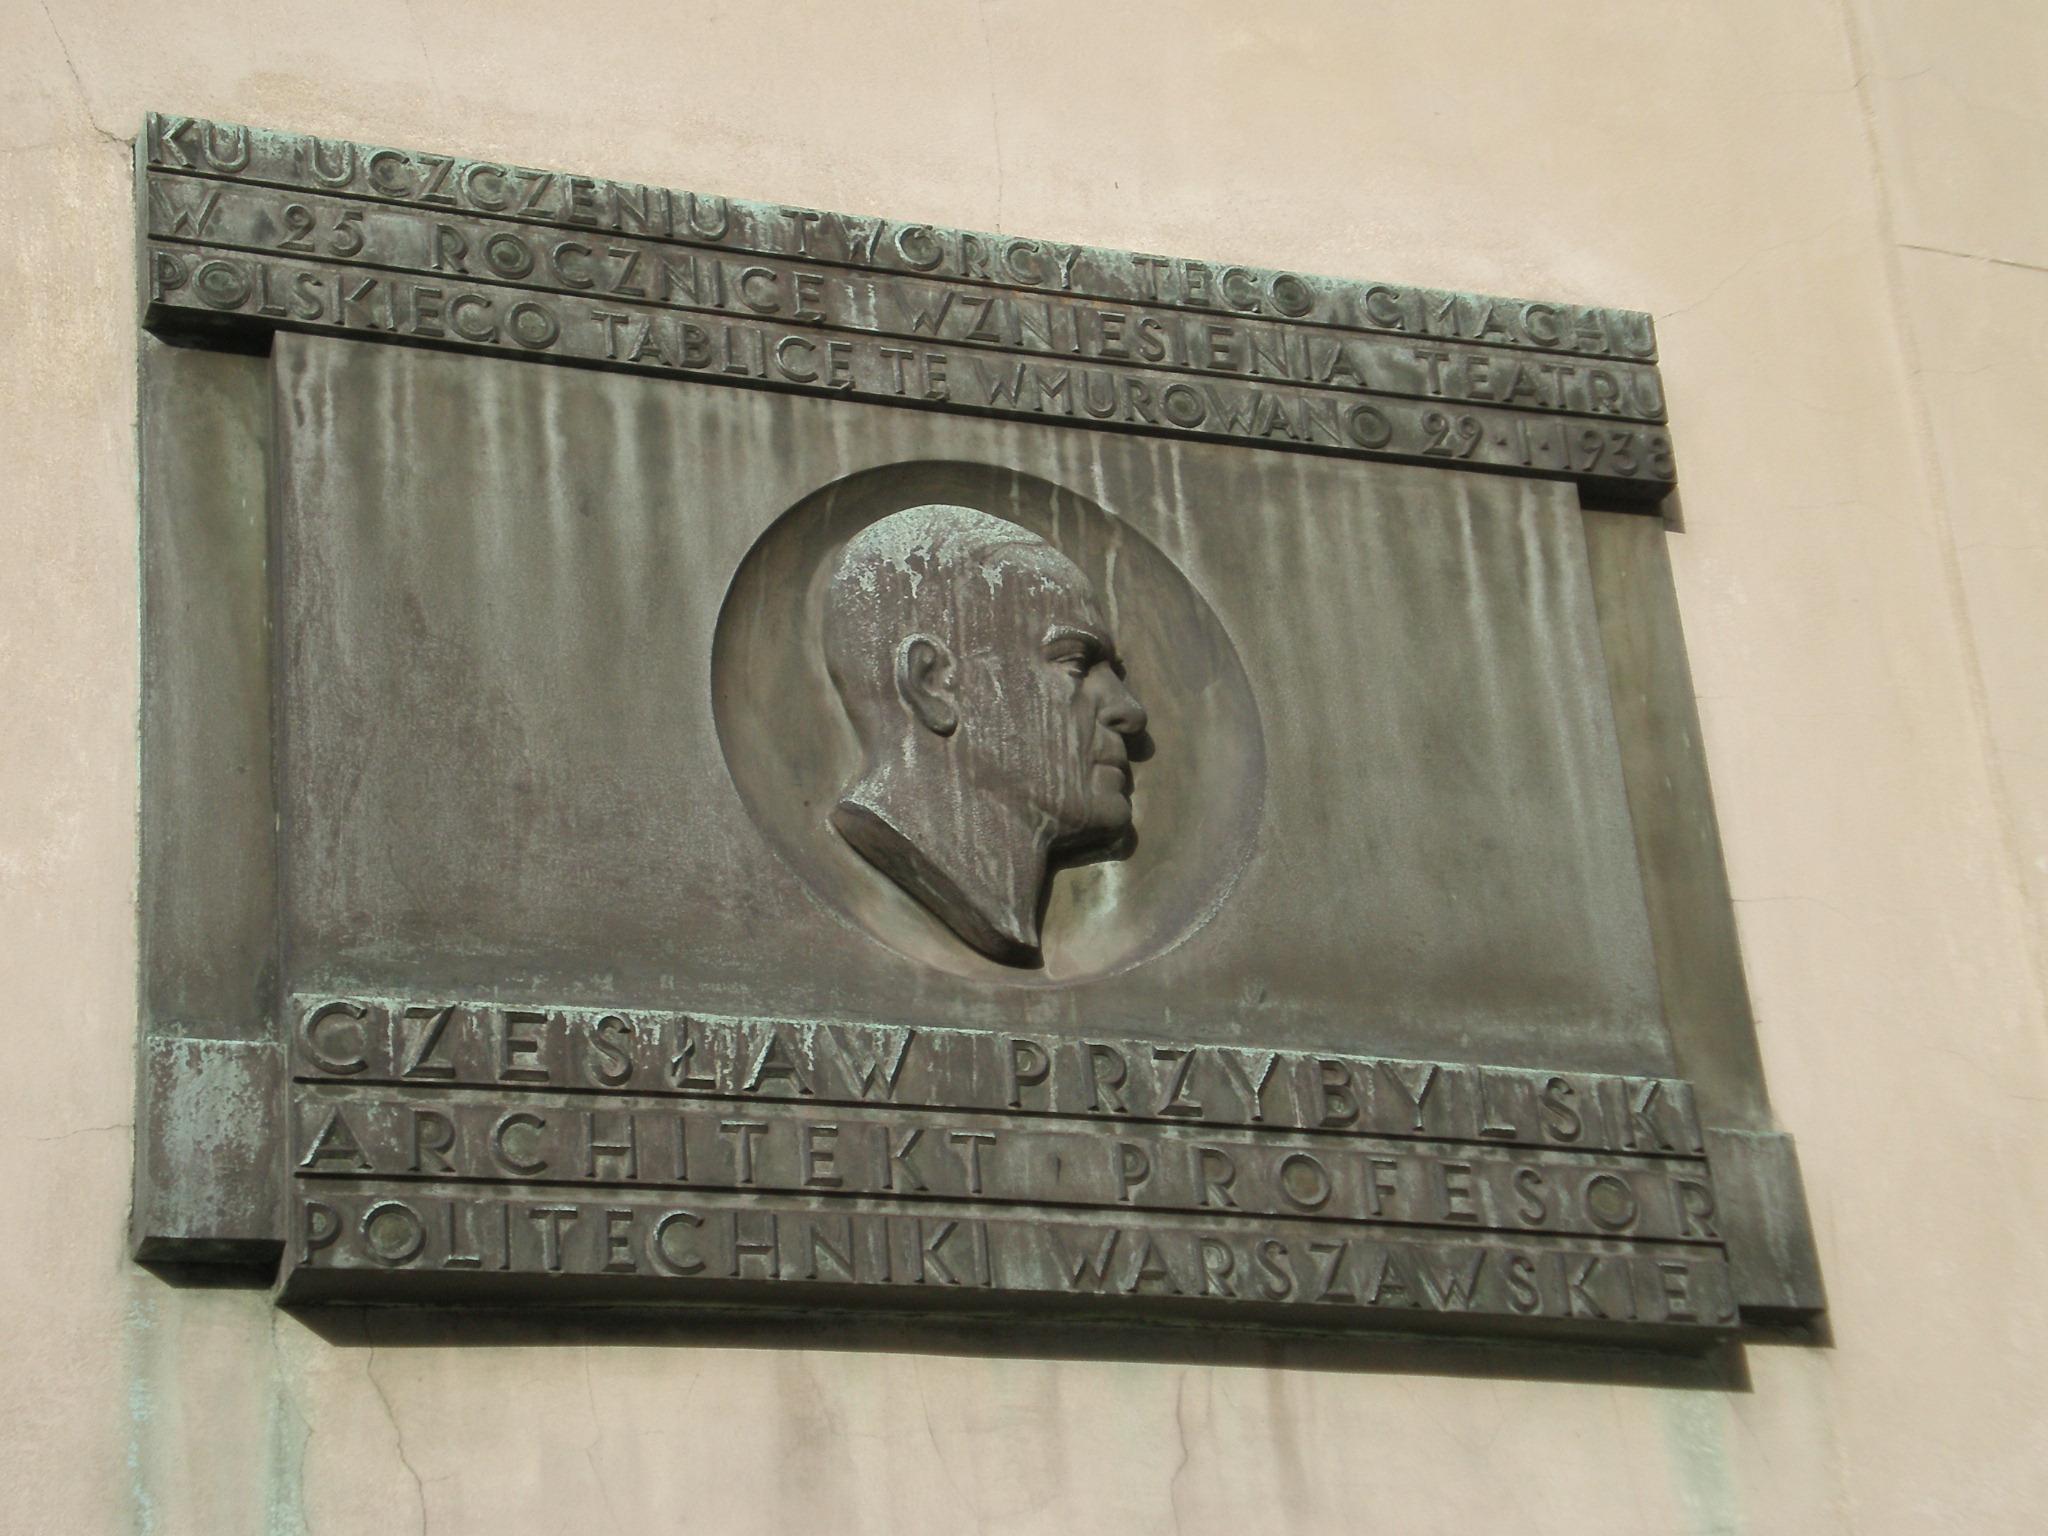 Czesław Przybylski